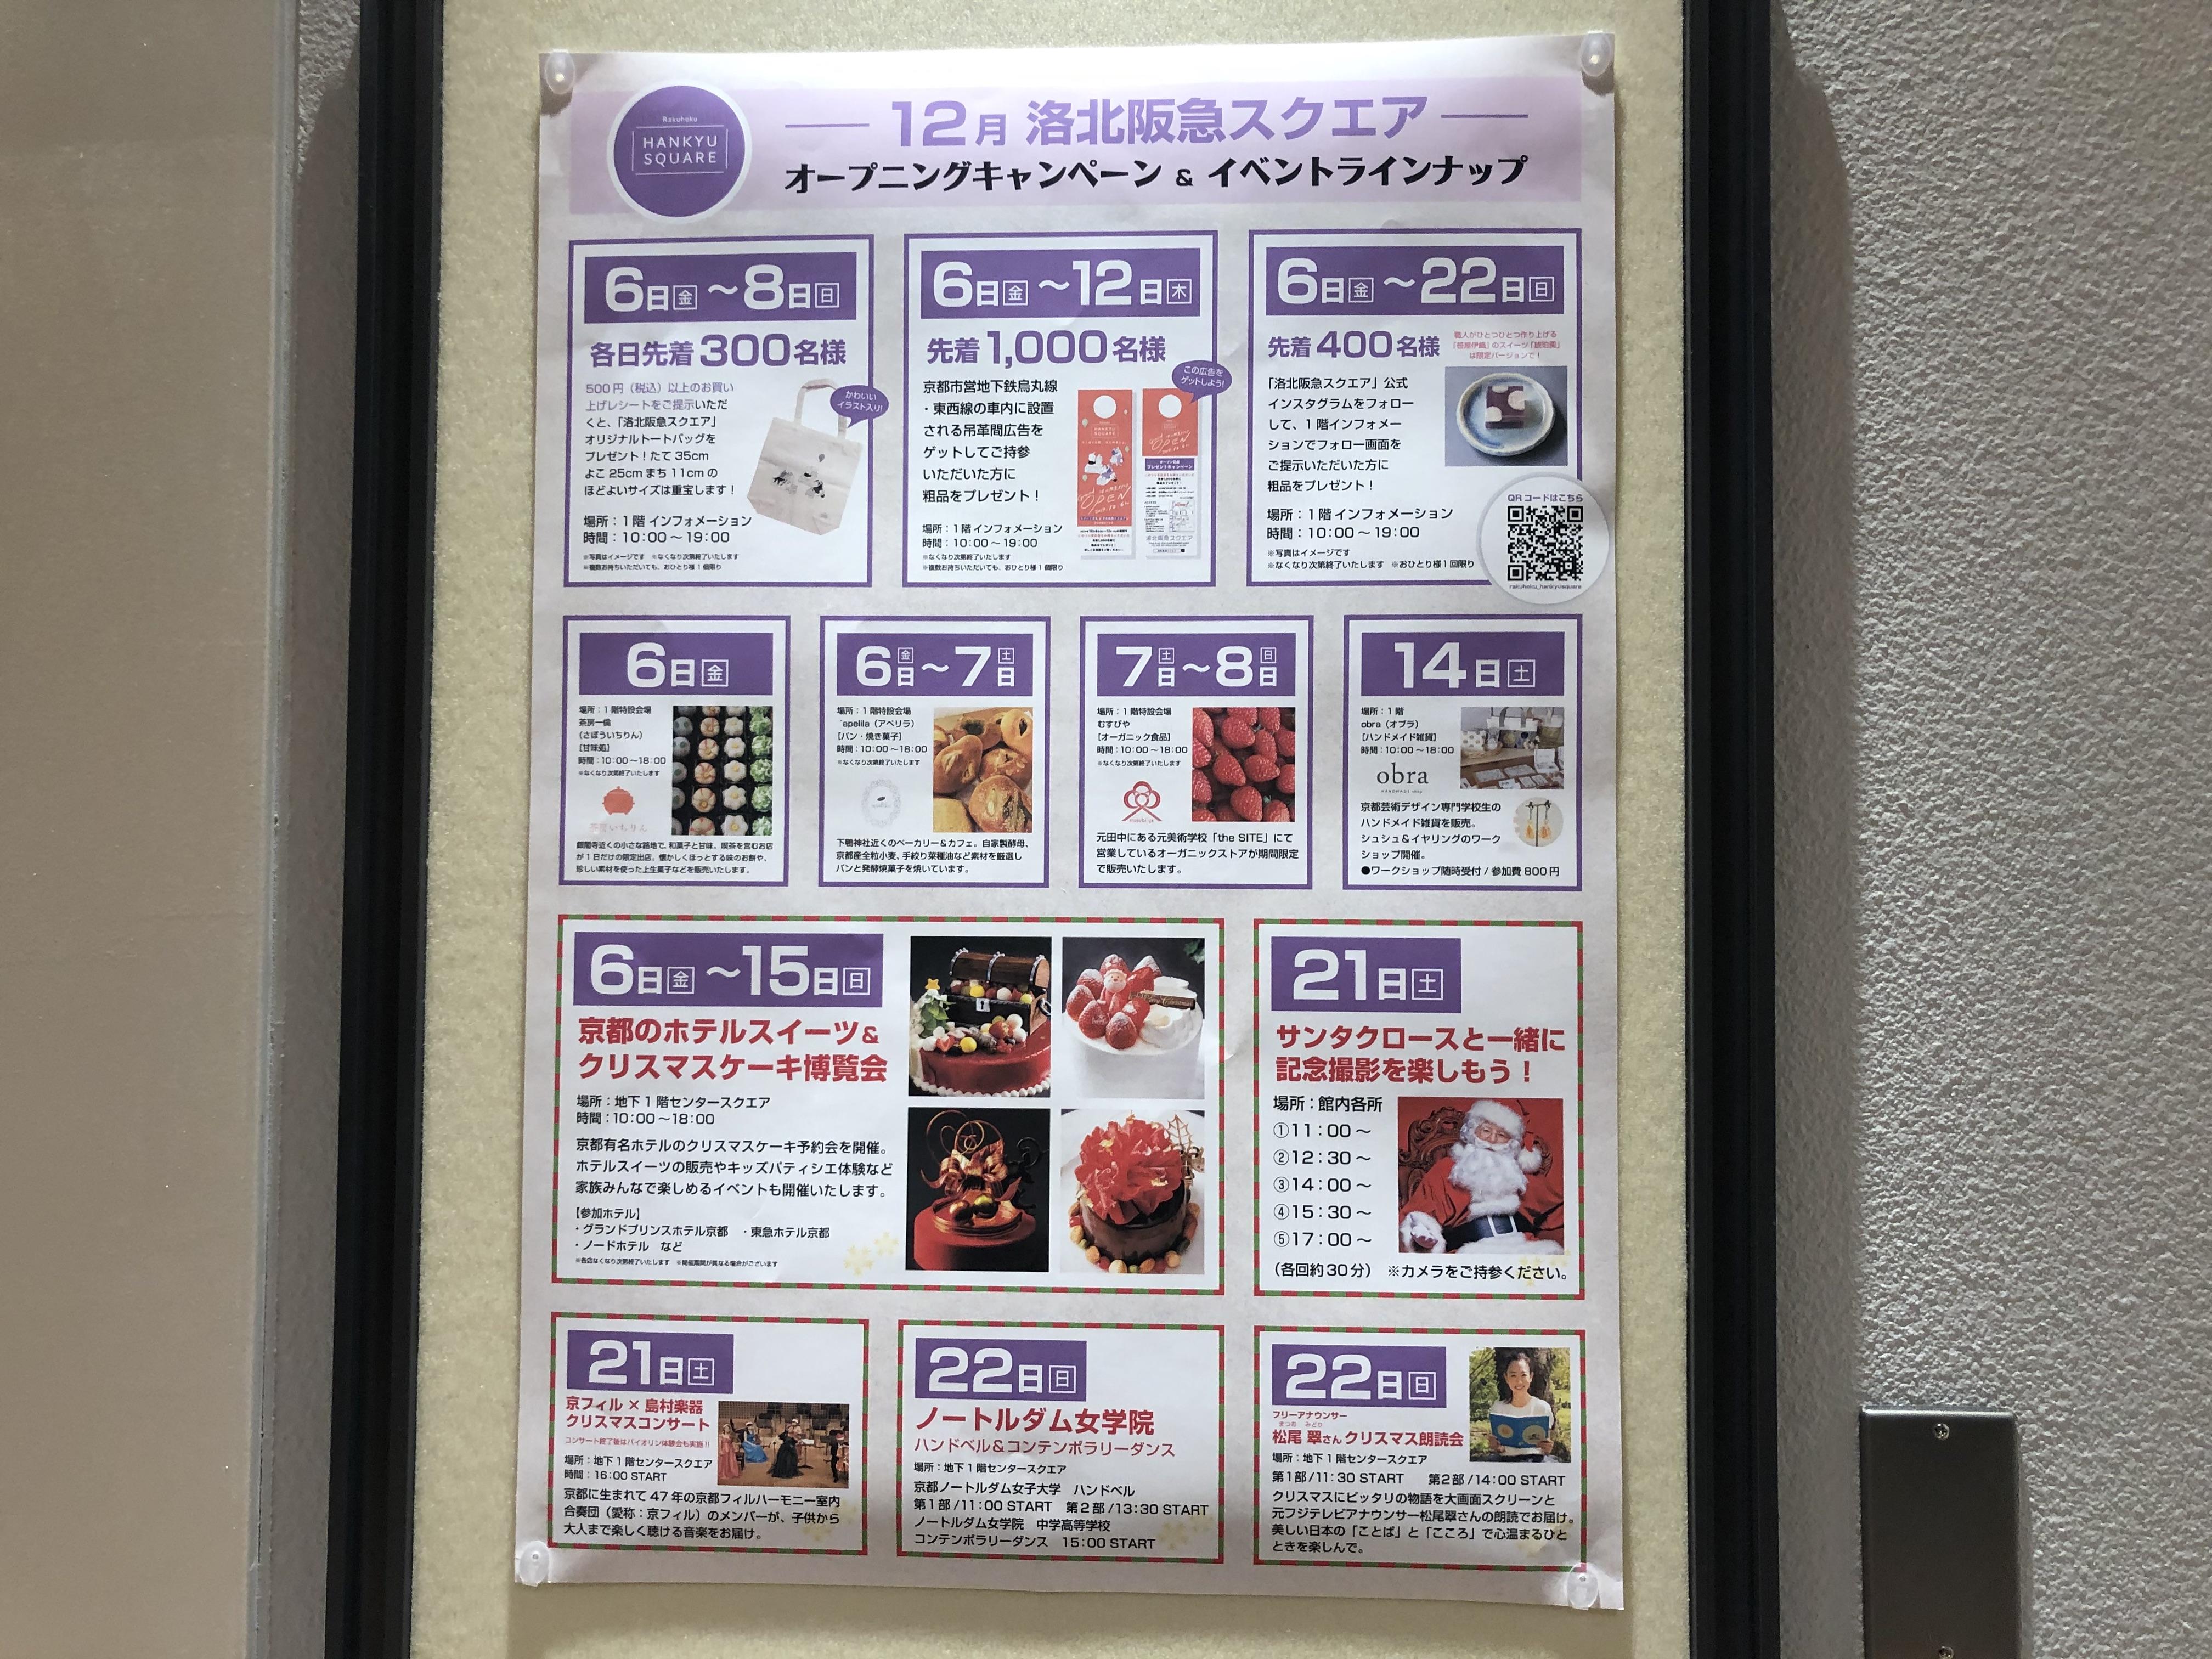 洛北阪急スクエア(カナート洛北)の12月開催のイベント一覧